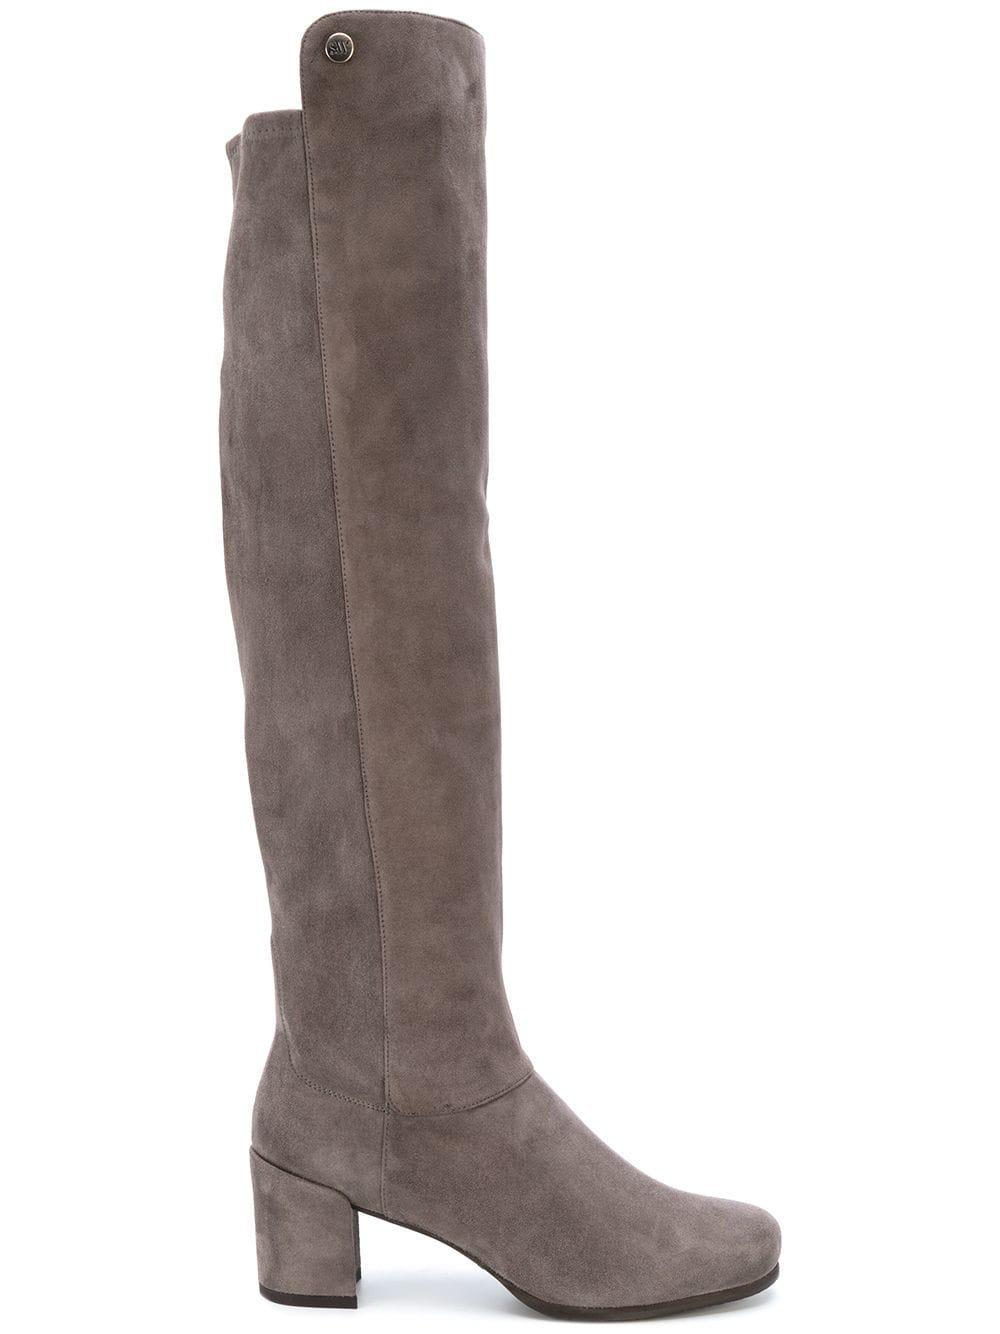 Stuart Weitzman Suede Knee Length Boots in Grey (Grey)